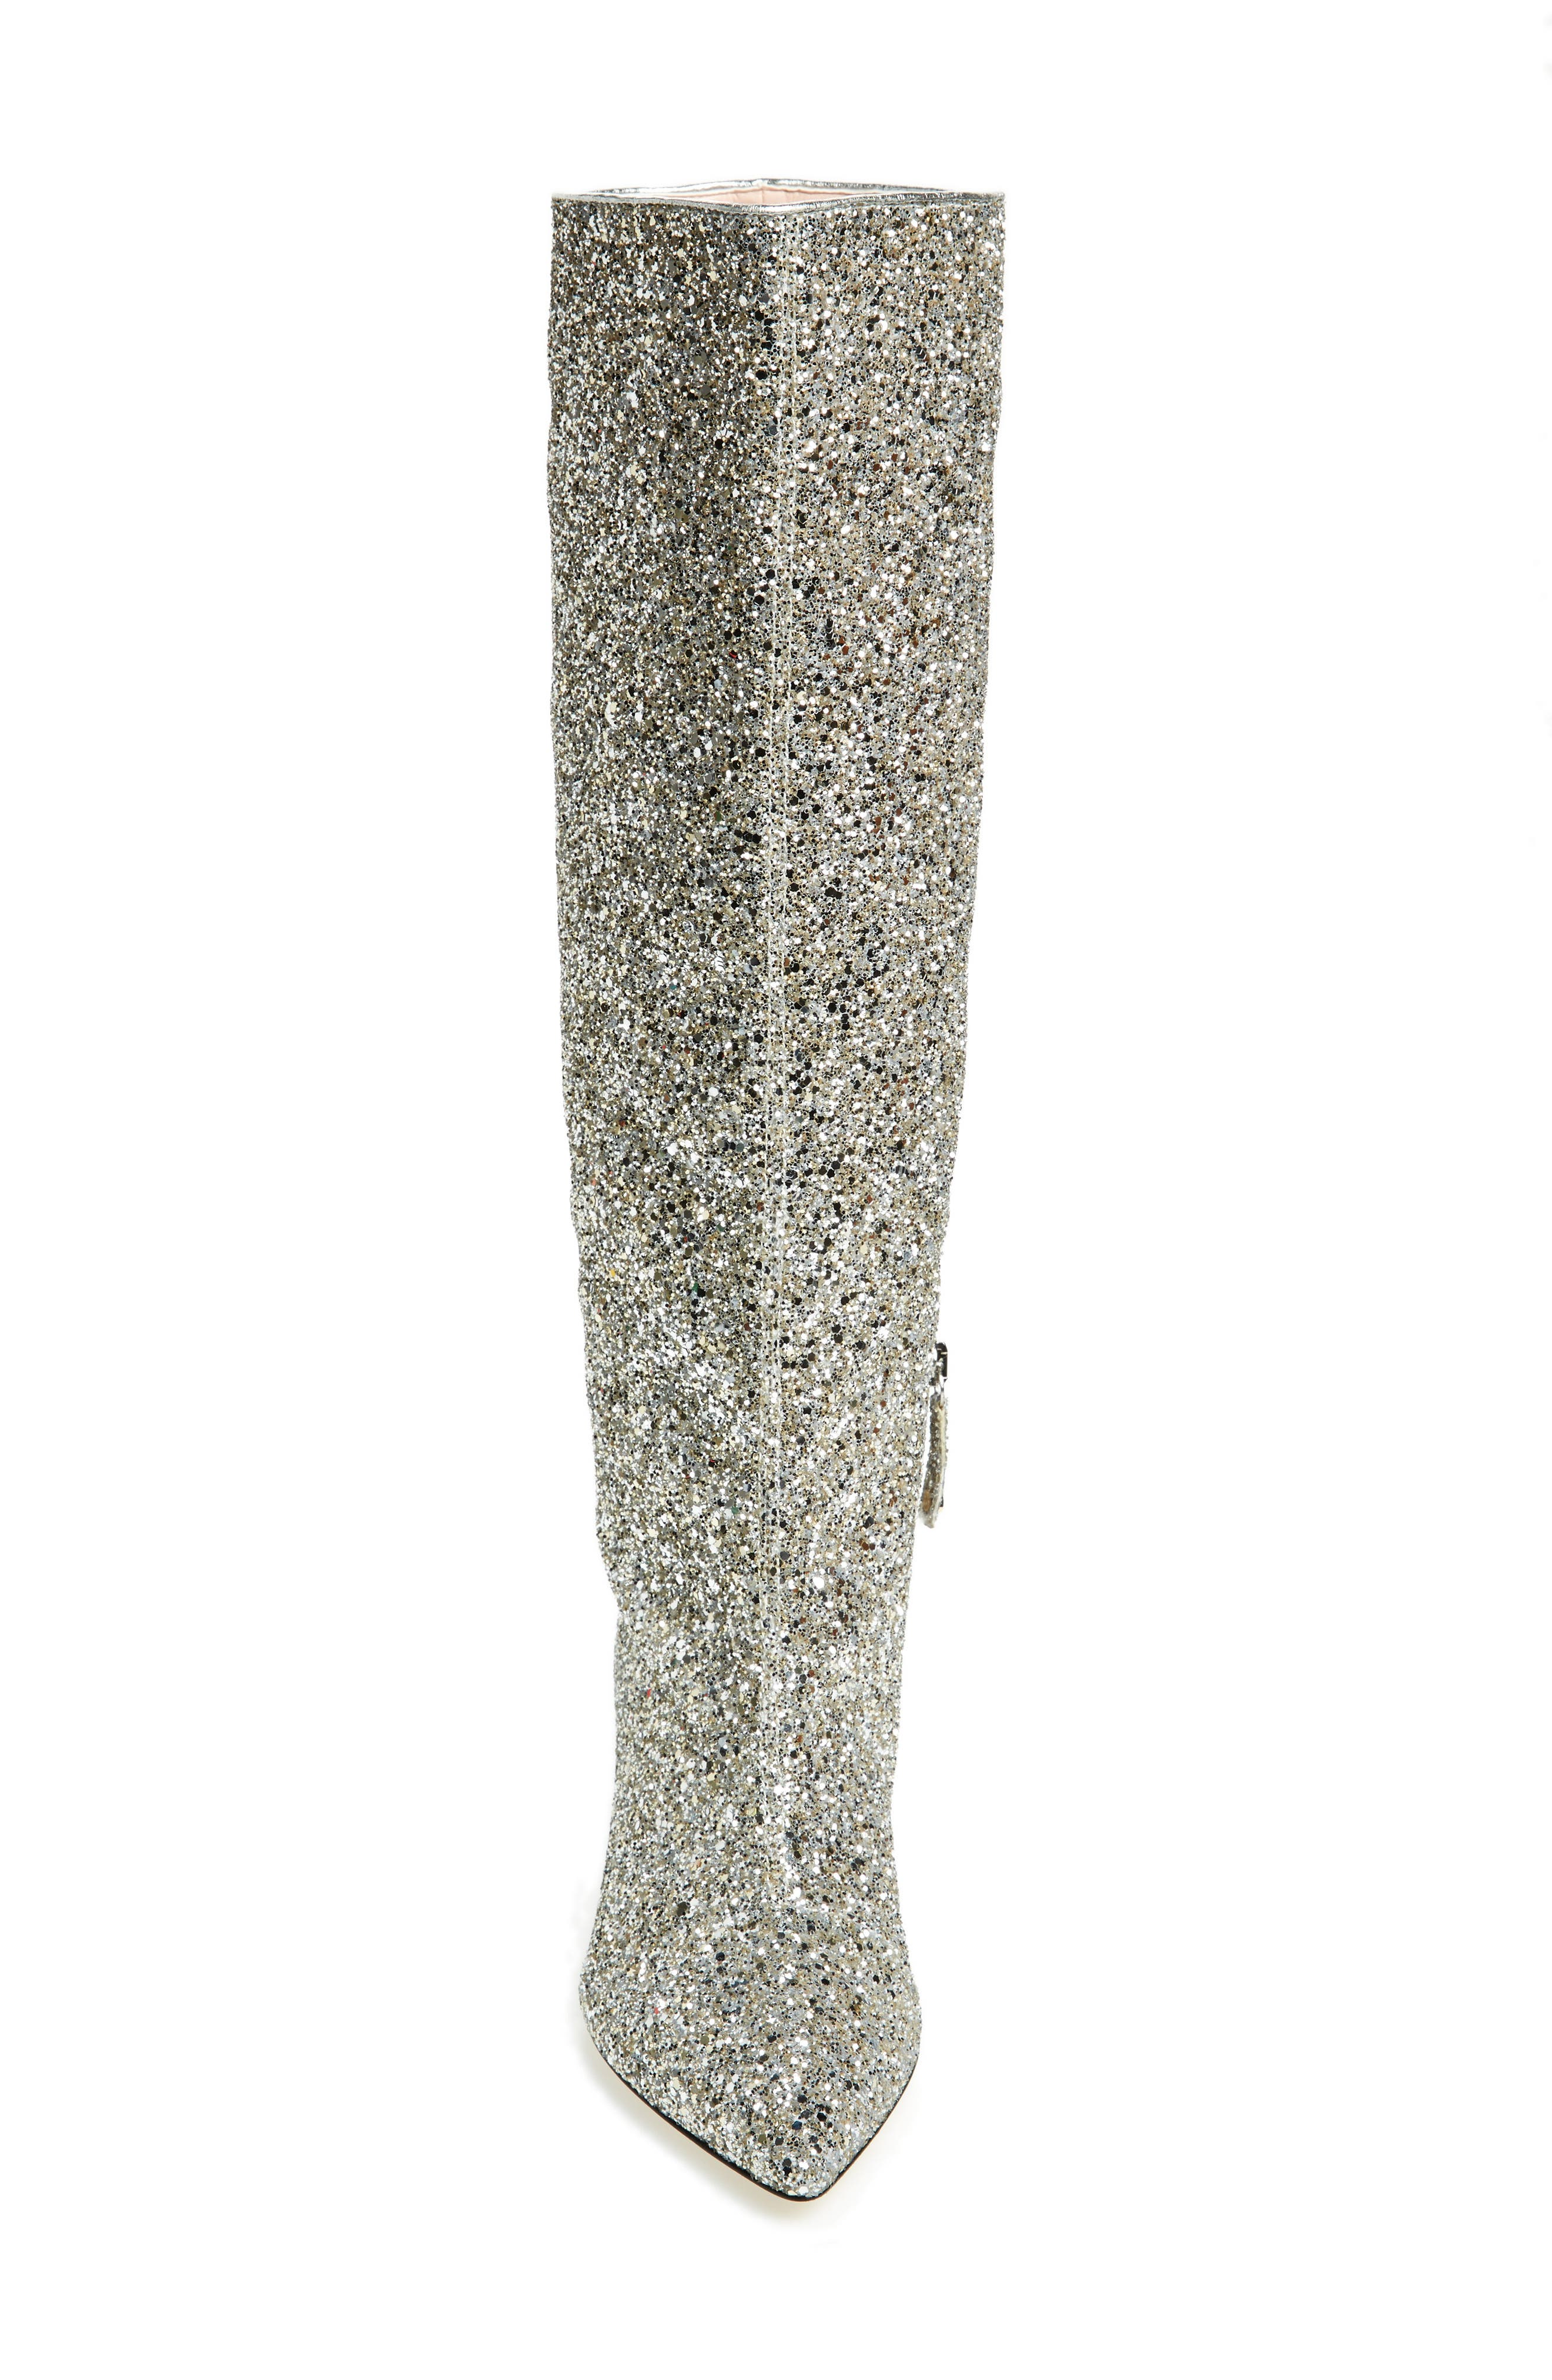 olina glitter knee high boot,                             Alternate thumbnail 4, color,                             Silver/ Gold Glitter